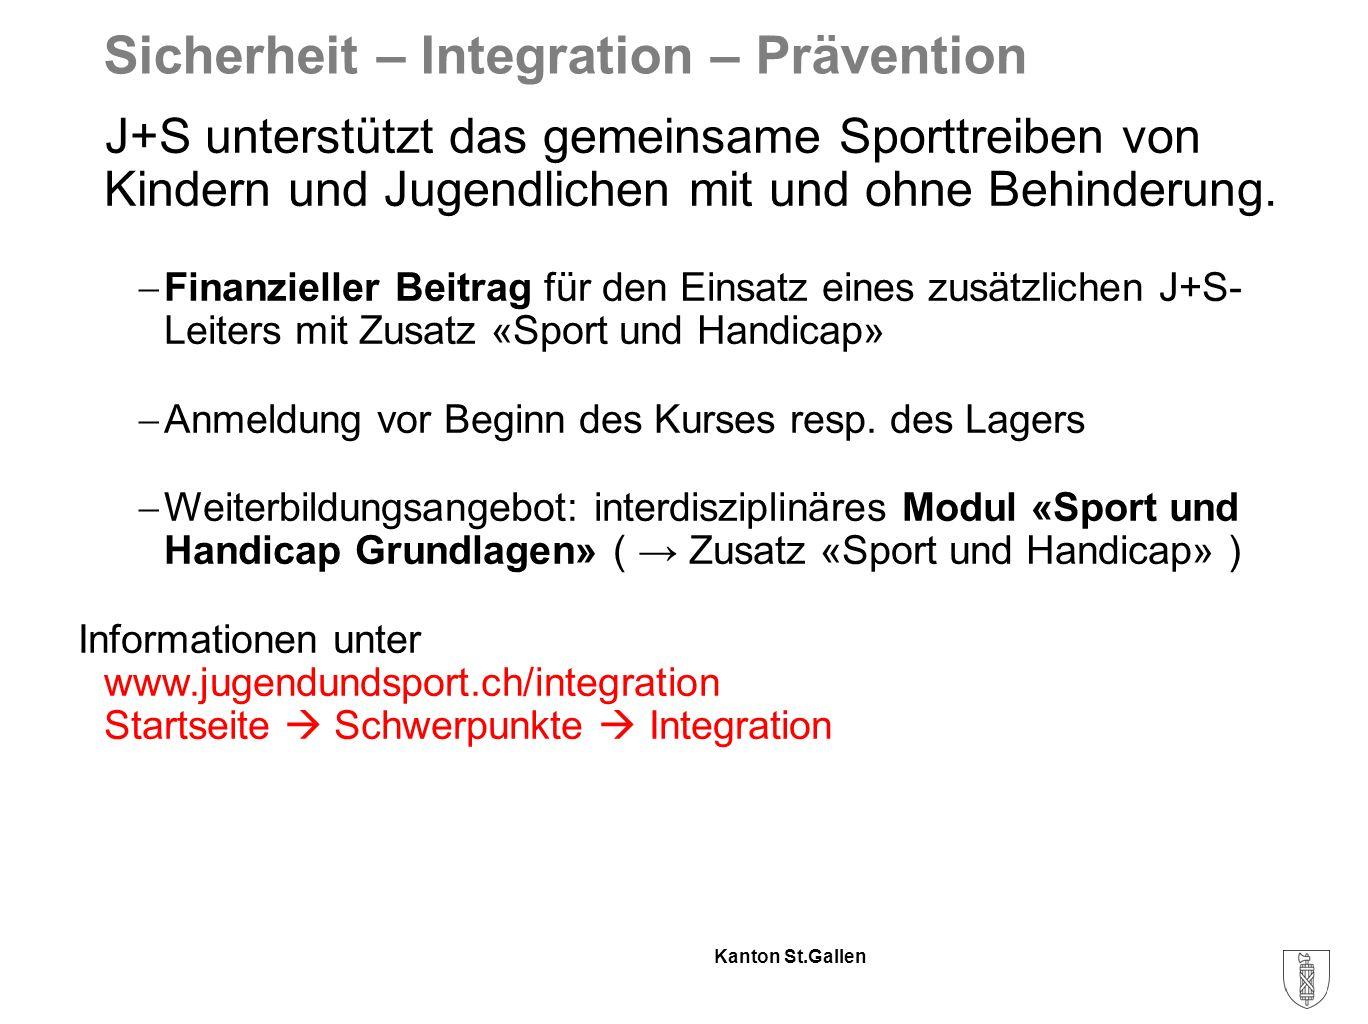 Kanton St.Gallen Vielen Dank für deinen Einsatz!